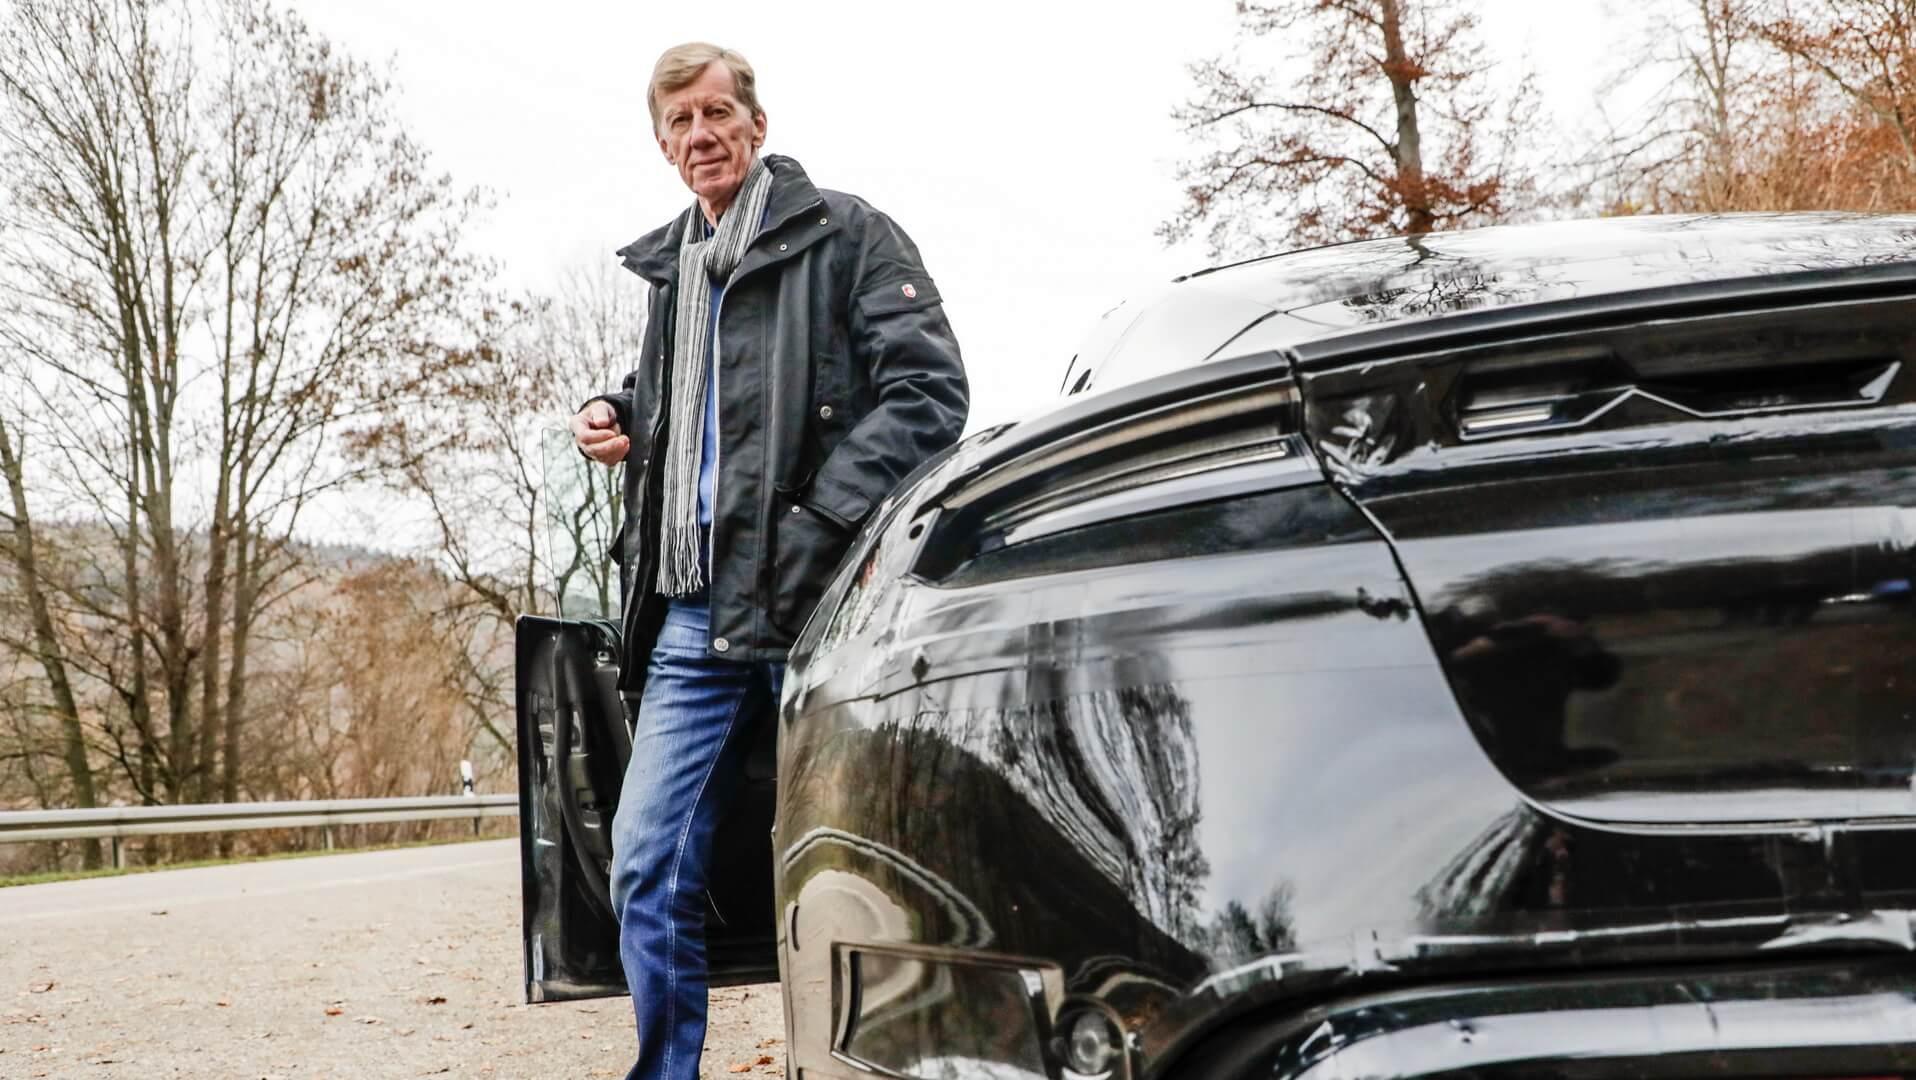 Легенда ралли Вальтер Рёрль протестировал Porsche Taycan